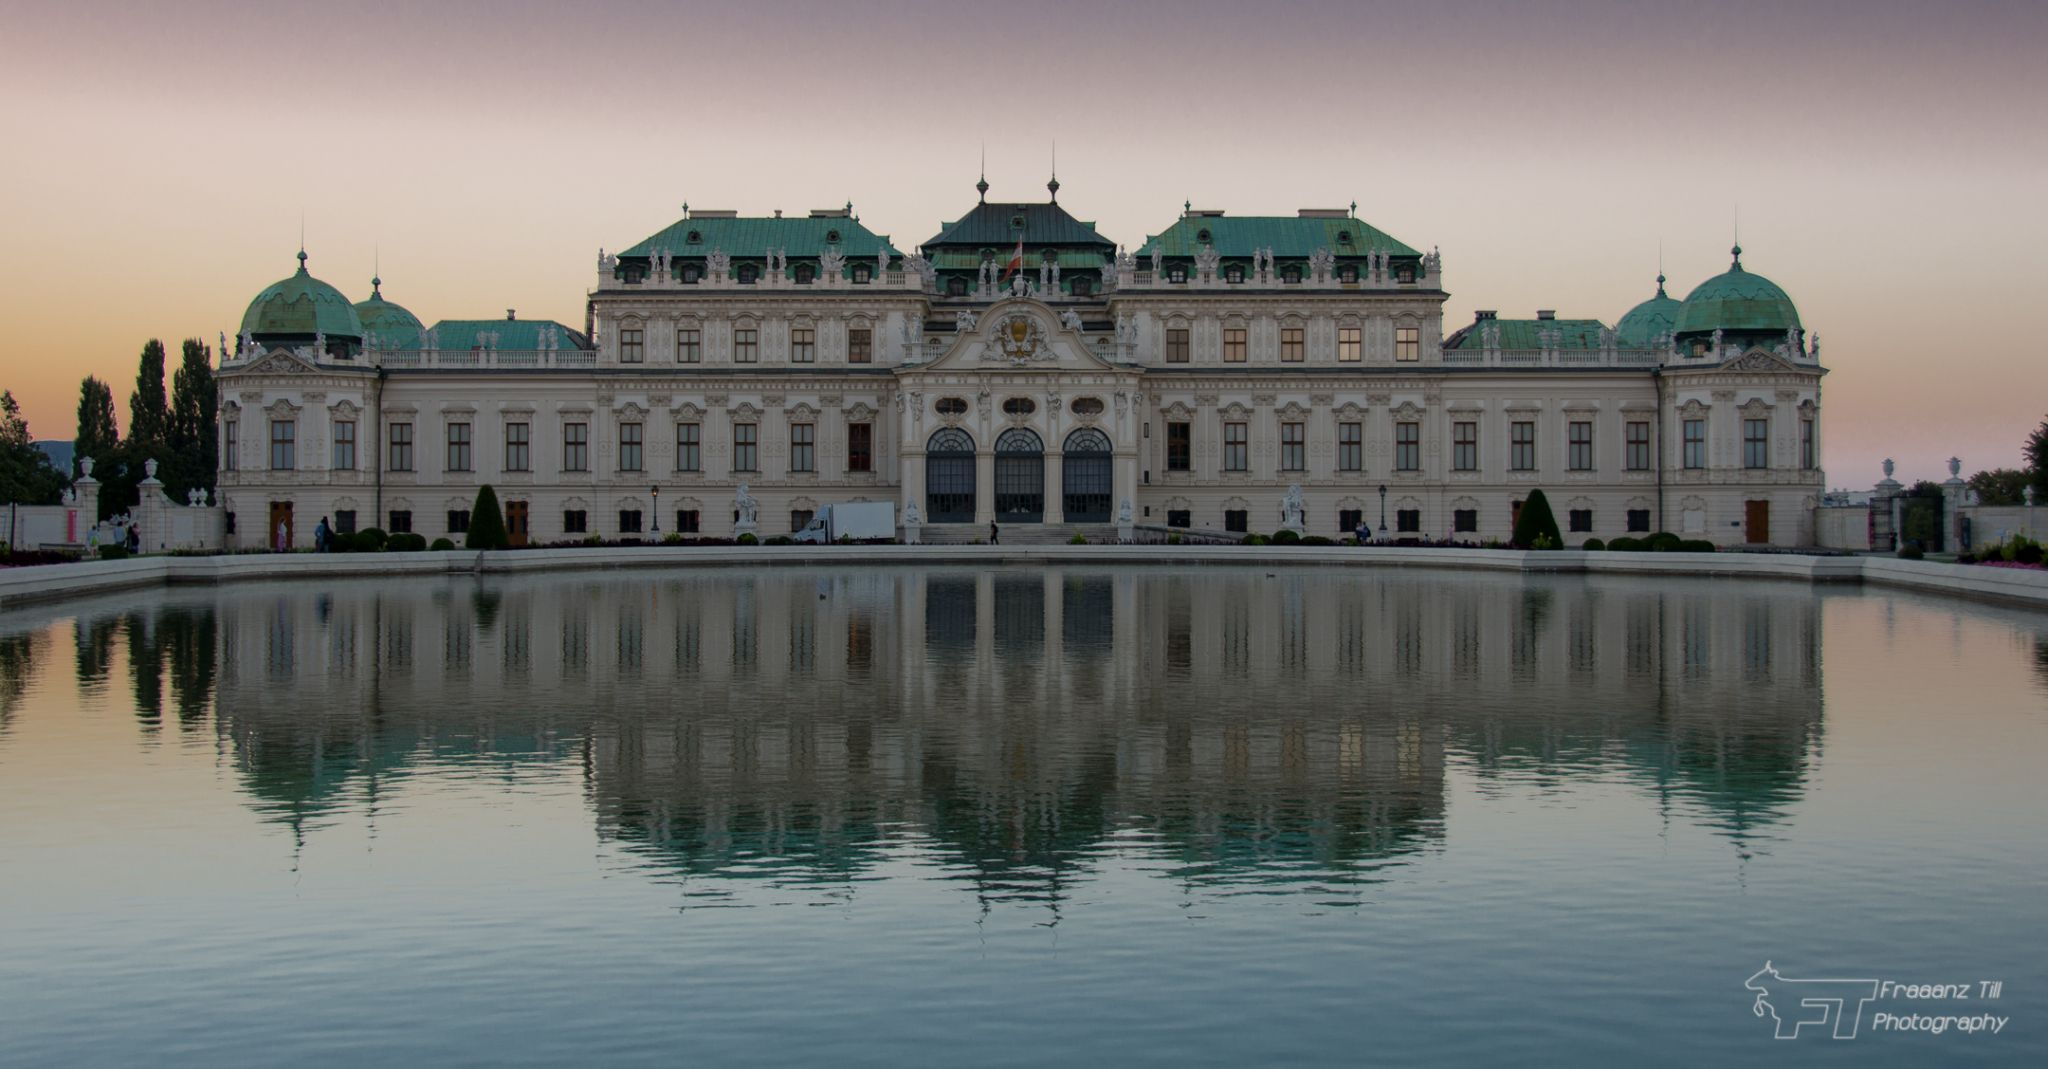 Schloss Belvedere, Austria